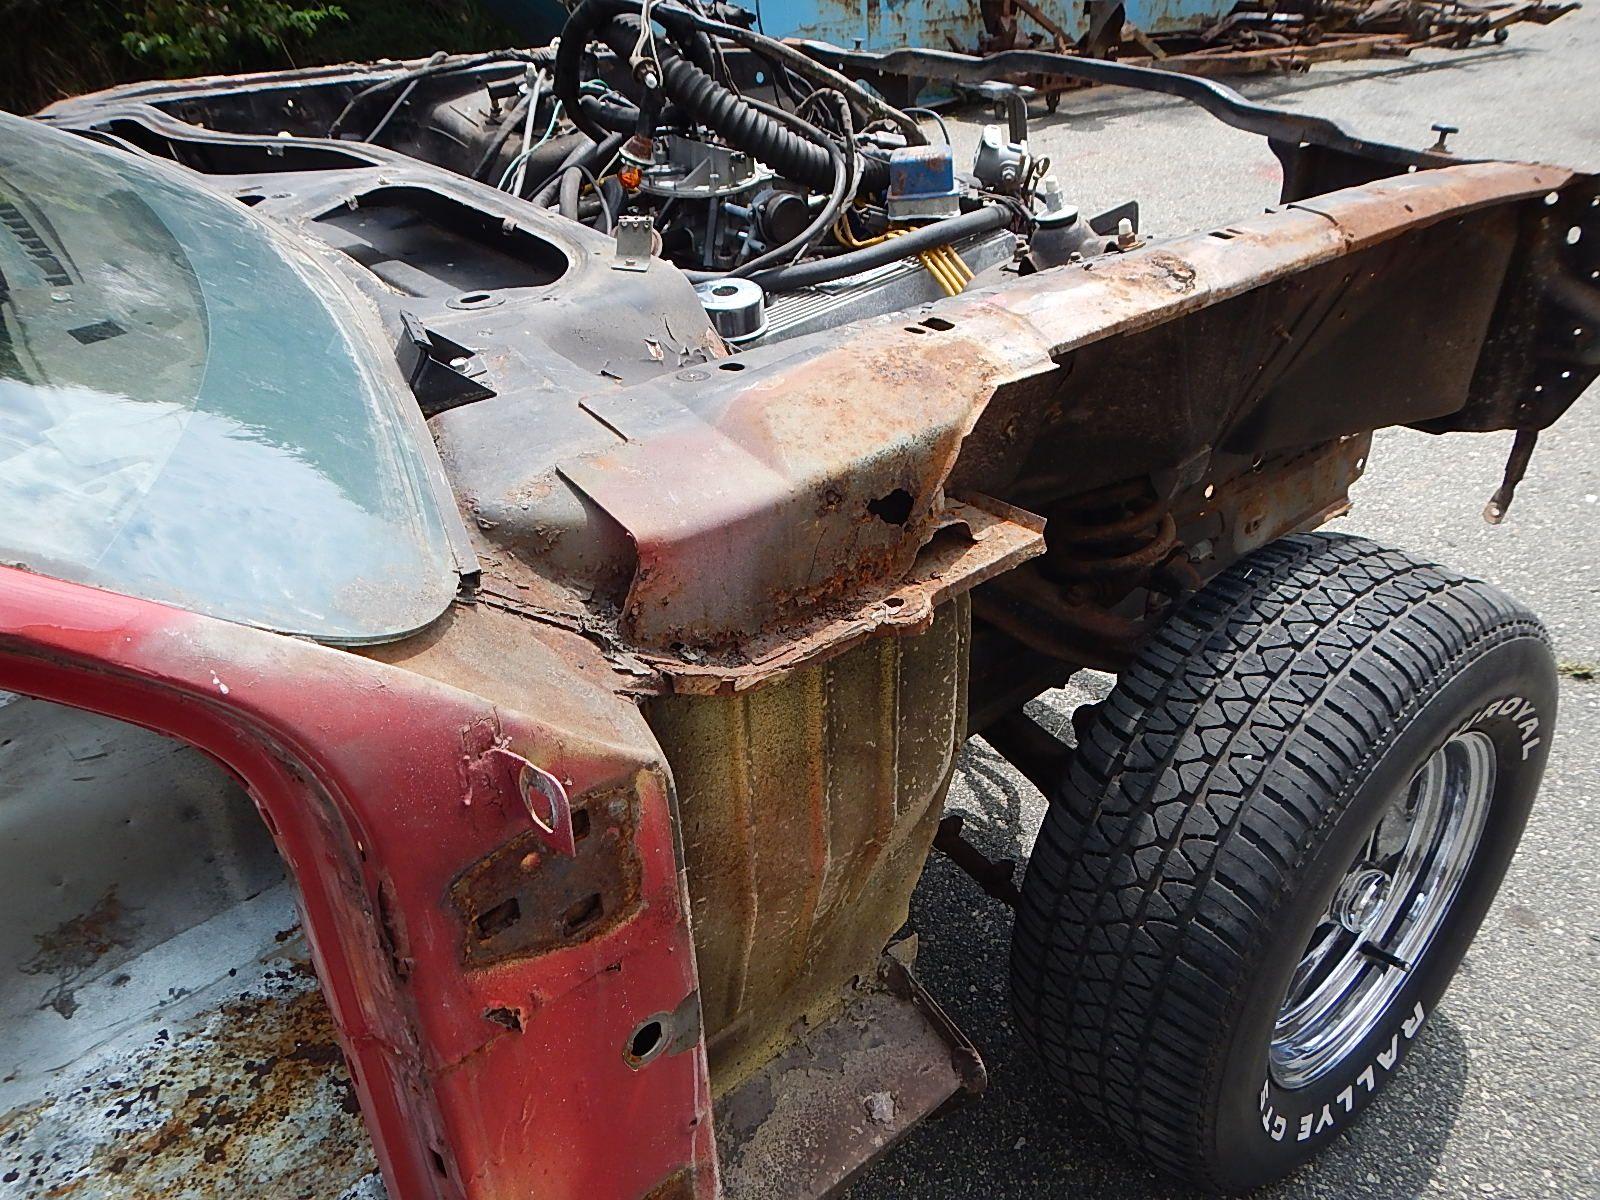 1971 Mustang 351 Restoration 146.jpg